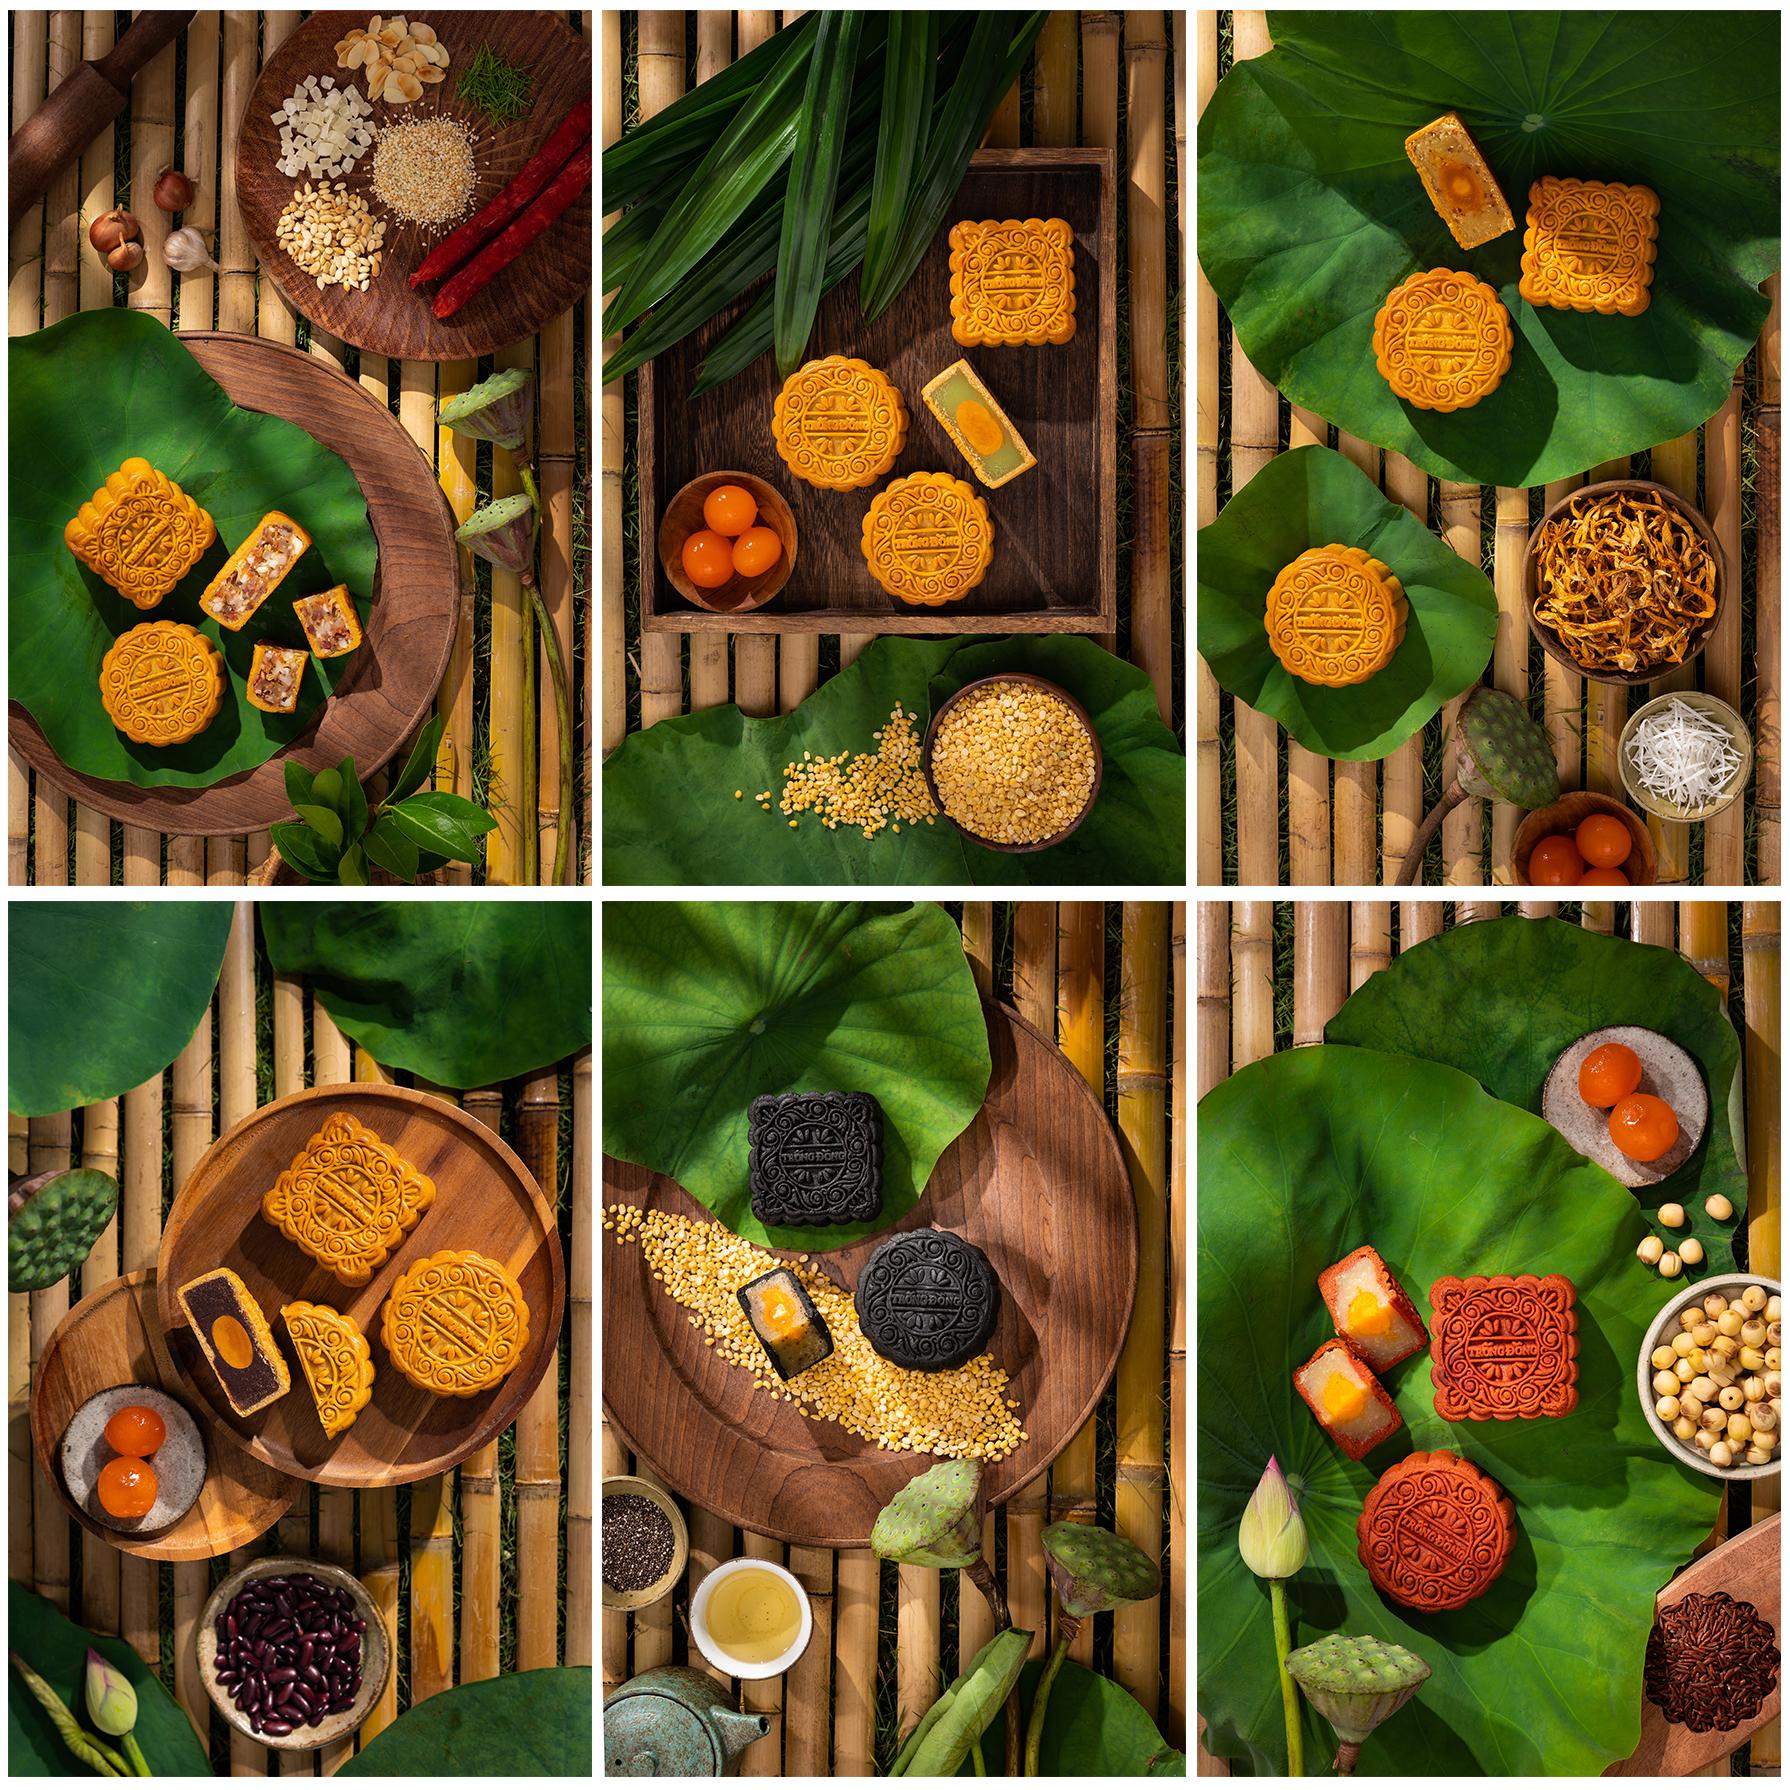 Mỗi chiếc bánh, mỗi hương vị là sự kết hợp khéo léo giữa nét truyền thống và hiện đại, mang theo thông điệp bảo vệ sức khỏe từ chính các nguyên liệu được lựa chọn kỹ lưỡng.